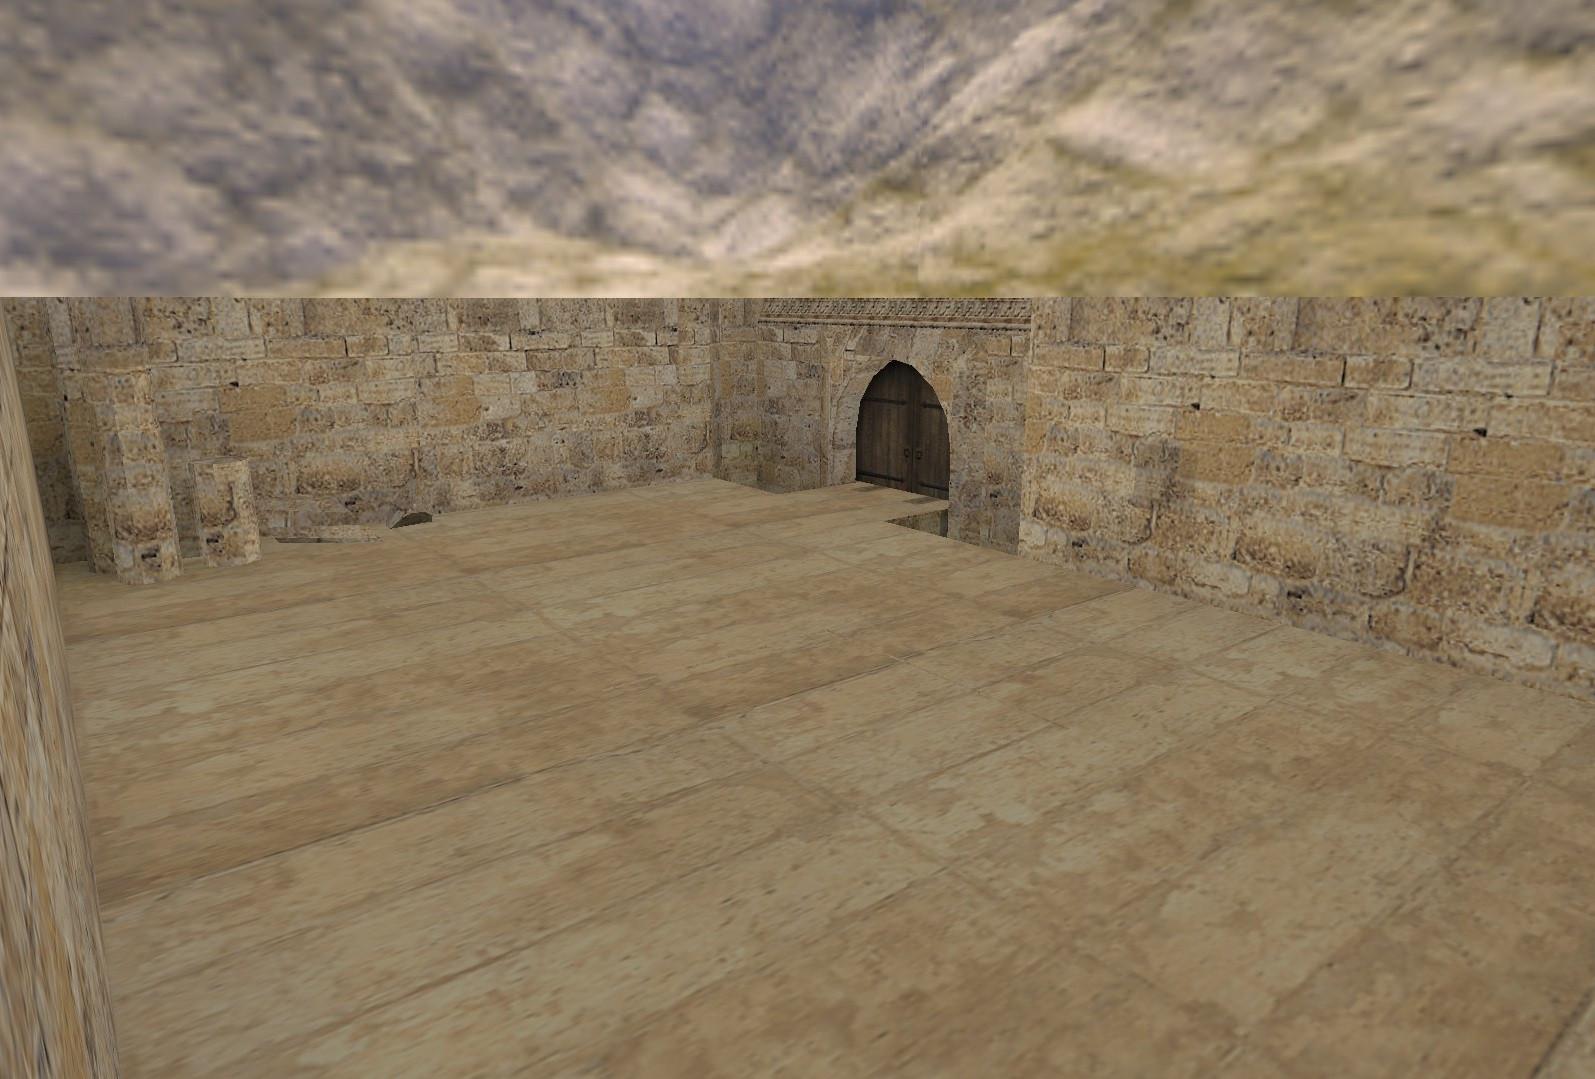 دانلود مپ دثران deathrun_temple-dust برای کانتر استریک 1.6